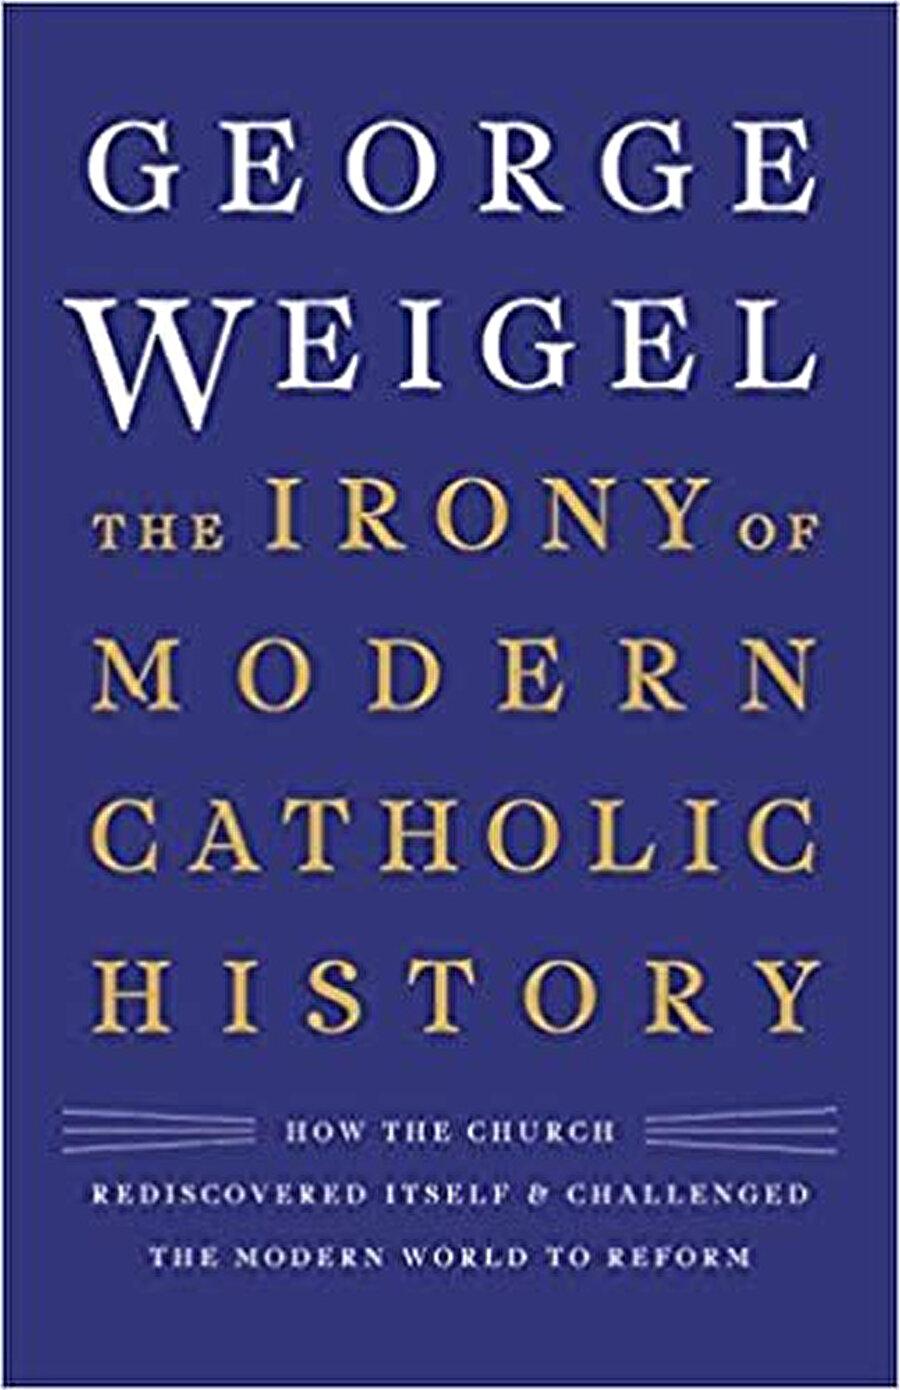 George Weigel Amerikan Katolikliğinin üç yüz yıllık tarihini tahlil ediyor.